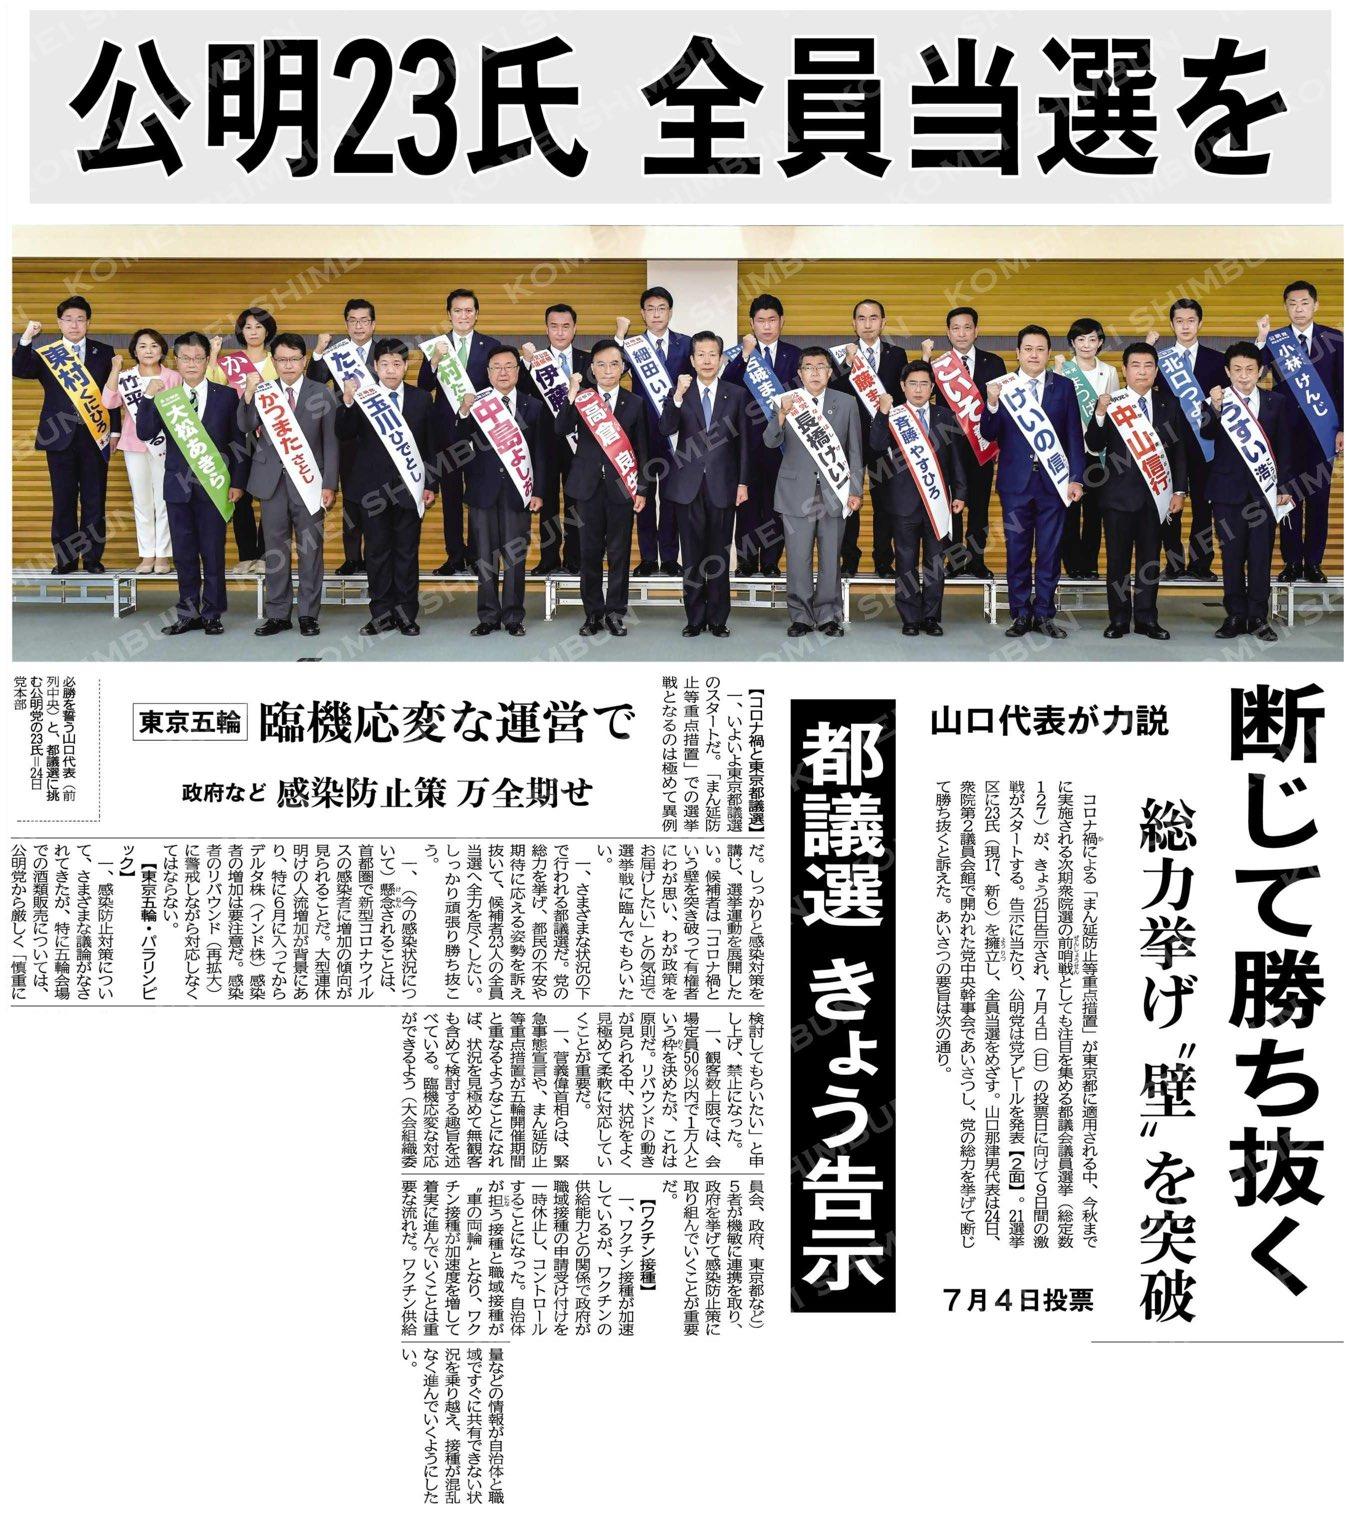 東京都議選の告示